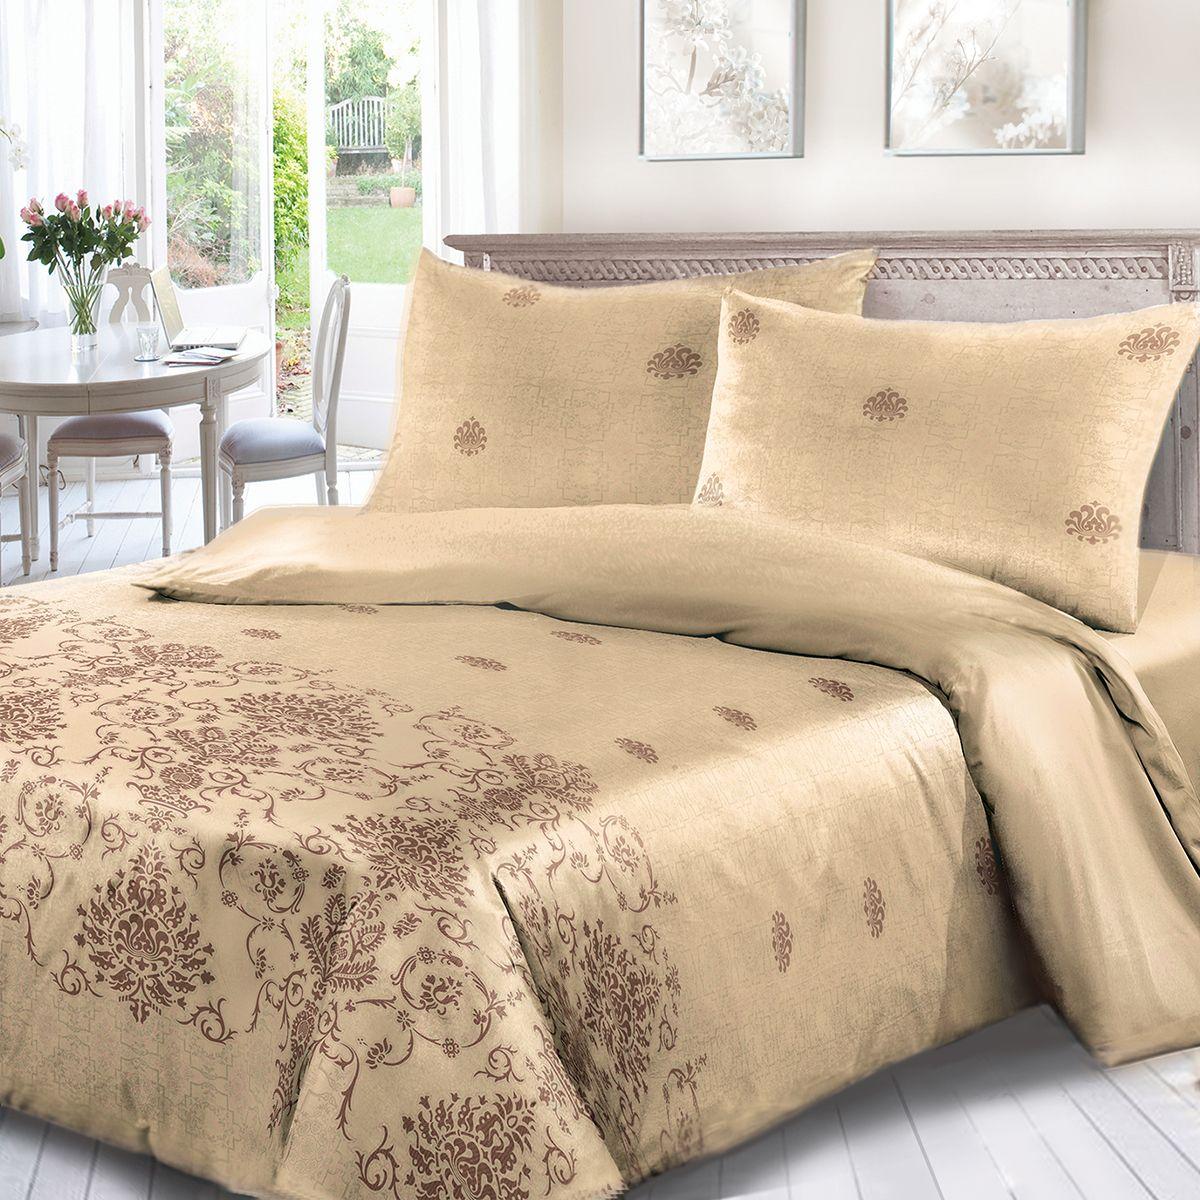 Комплект белья Сорренто Шамбала, семейный, наволочки 70x70, цвет: коричневый. 4021-180294